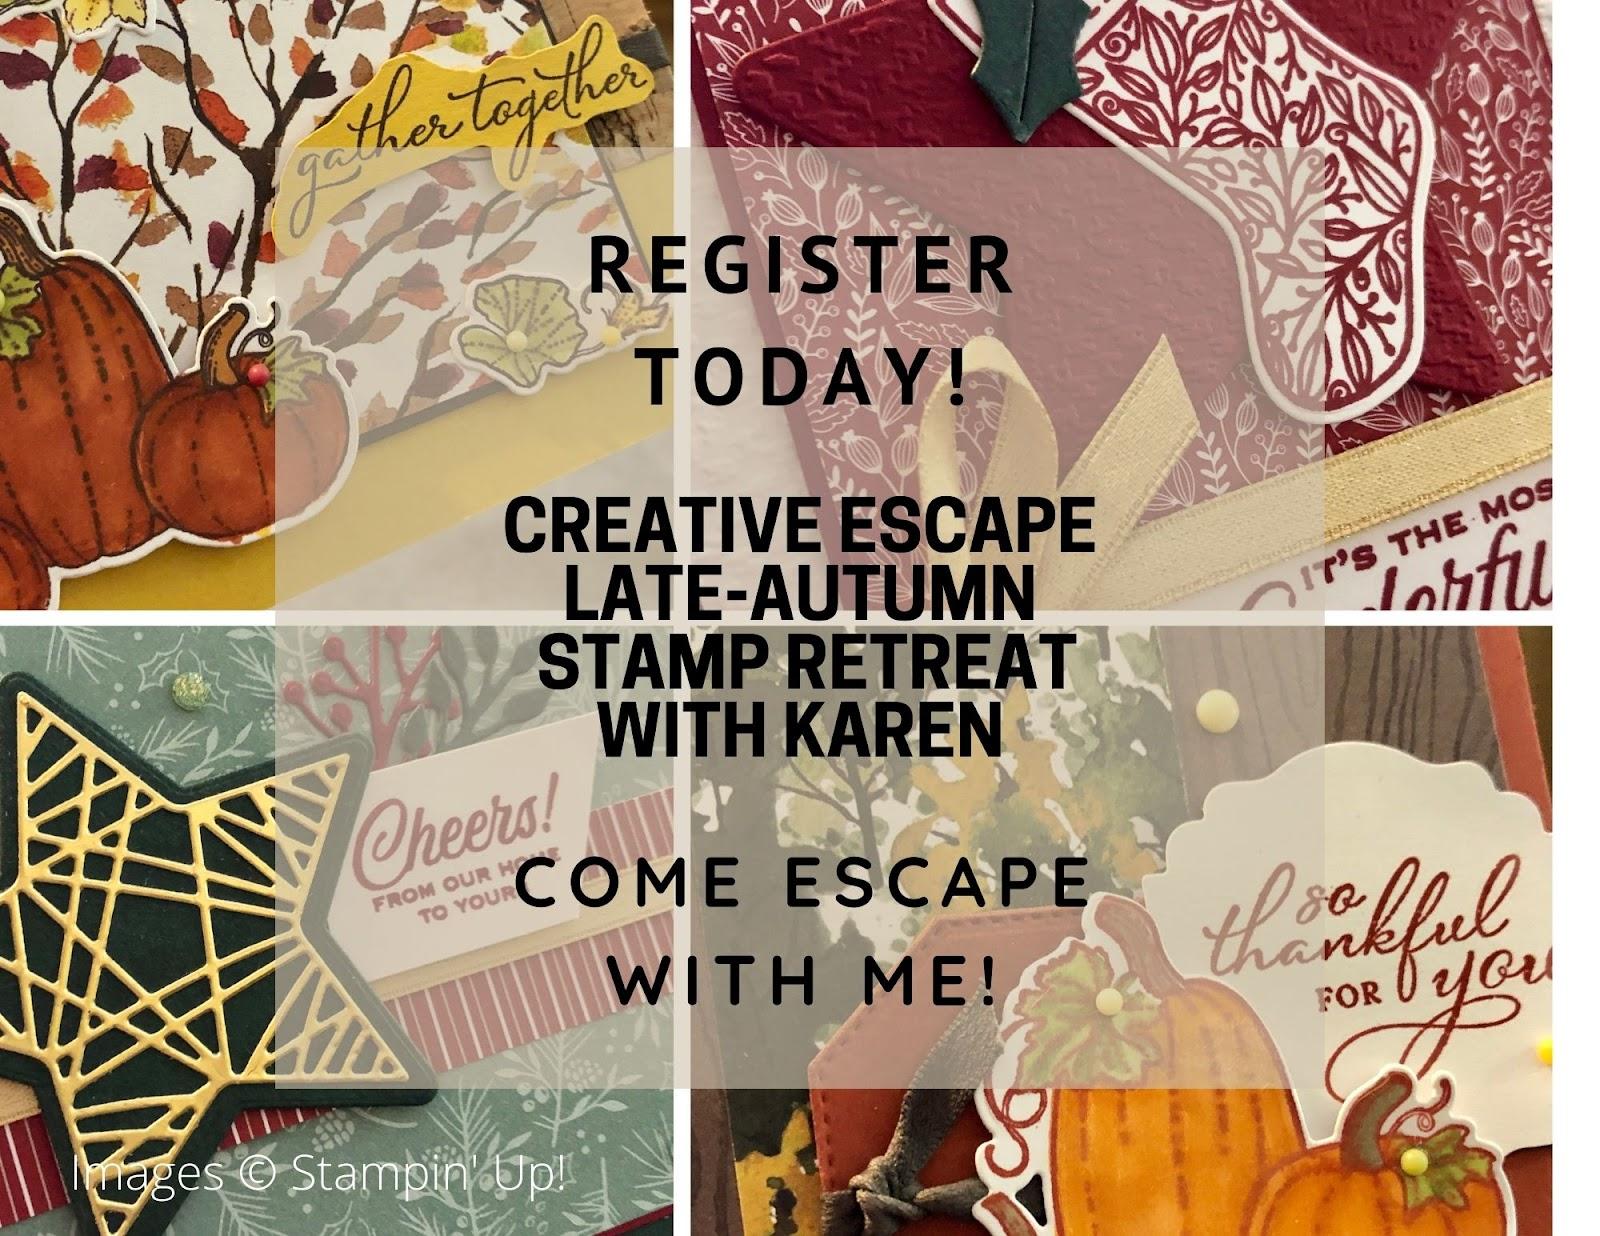 Creative Escape Late-Autumn Stamp Retreat